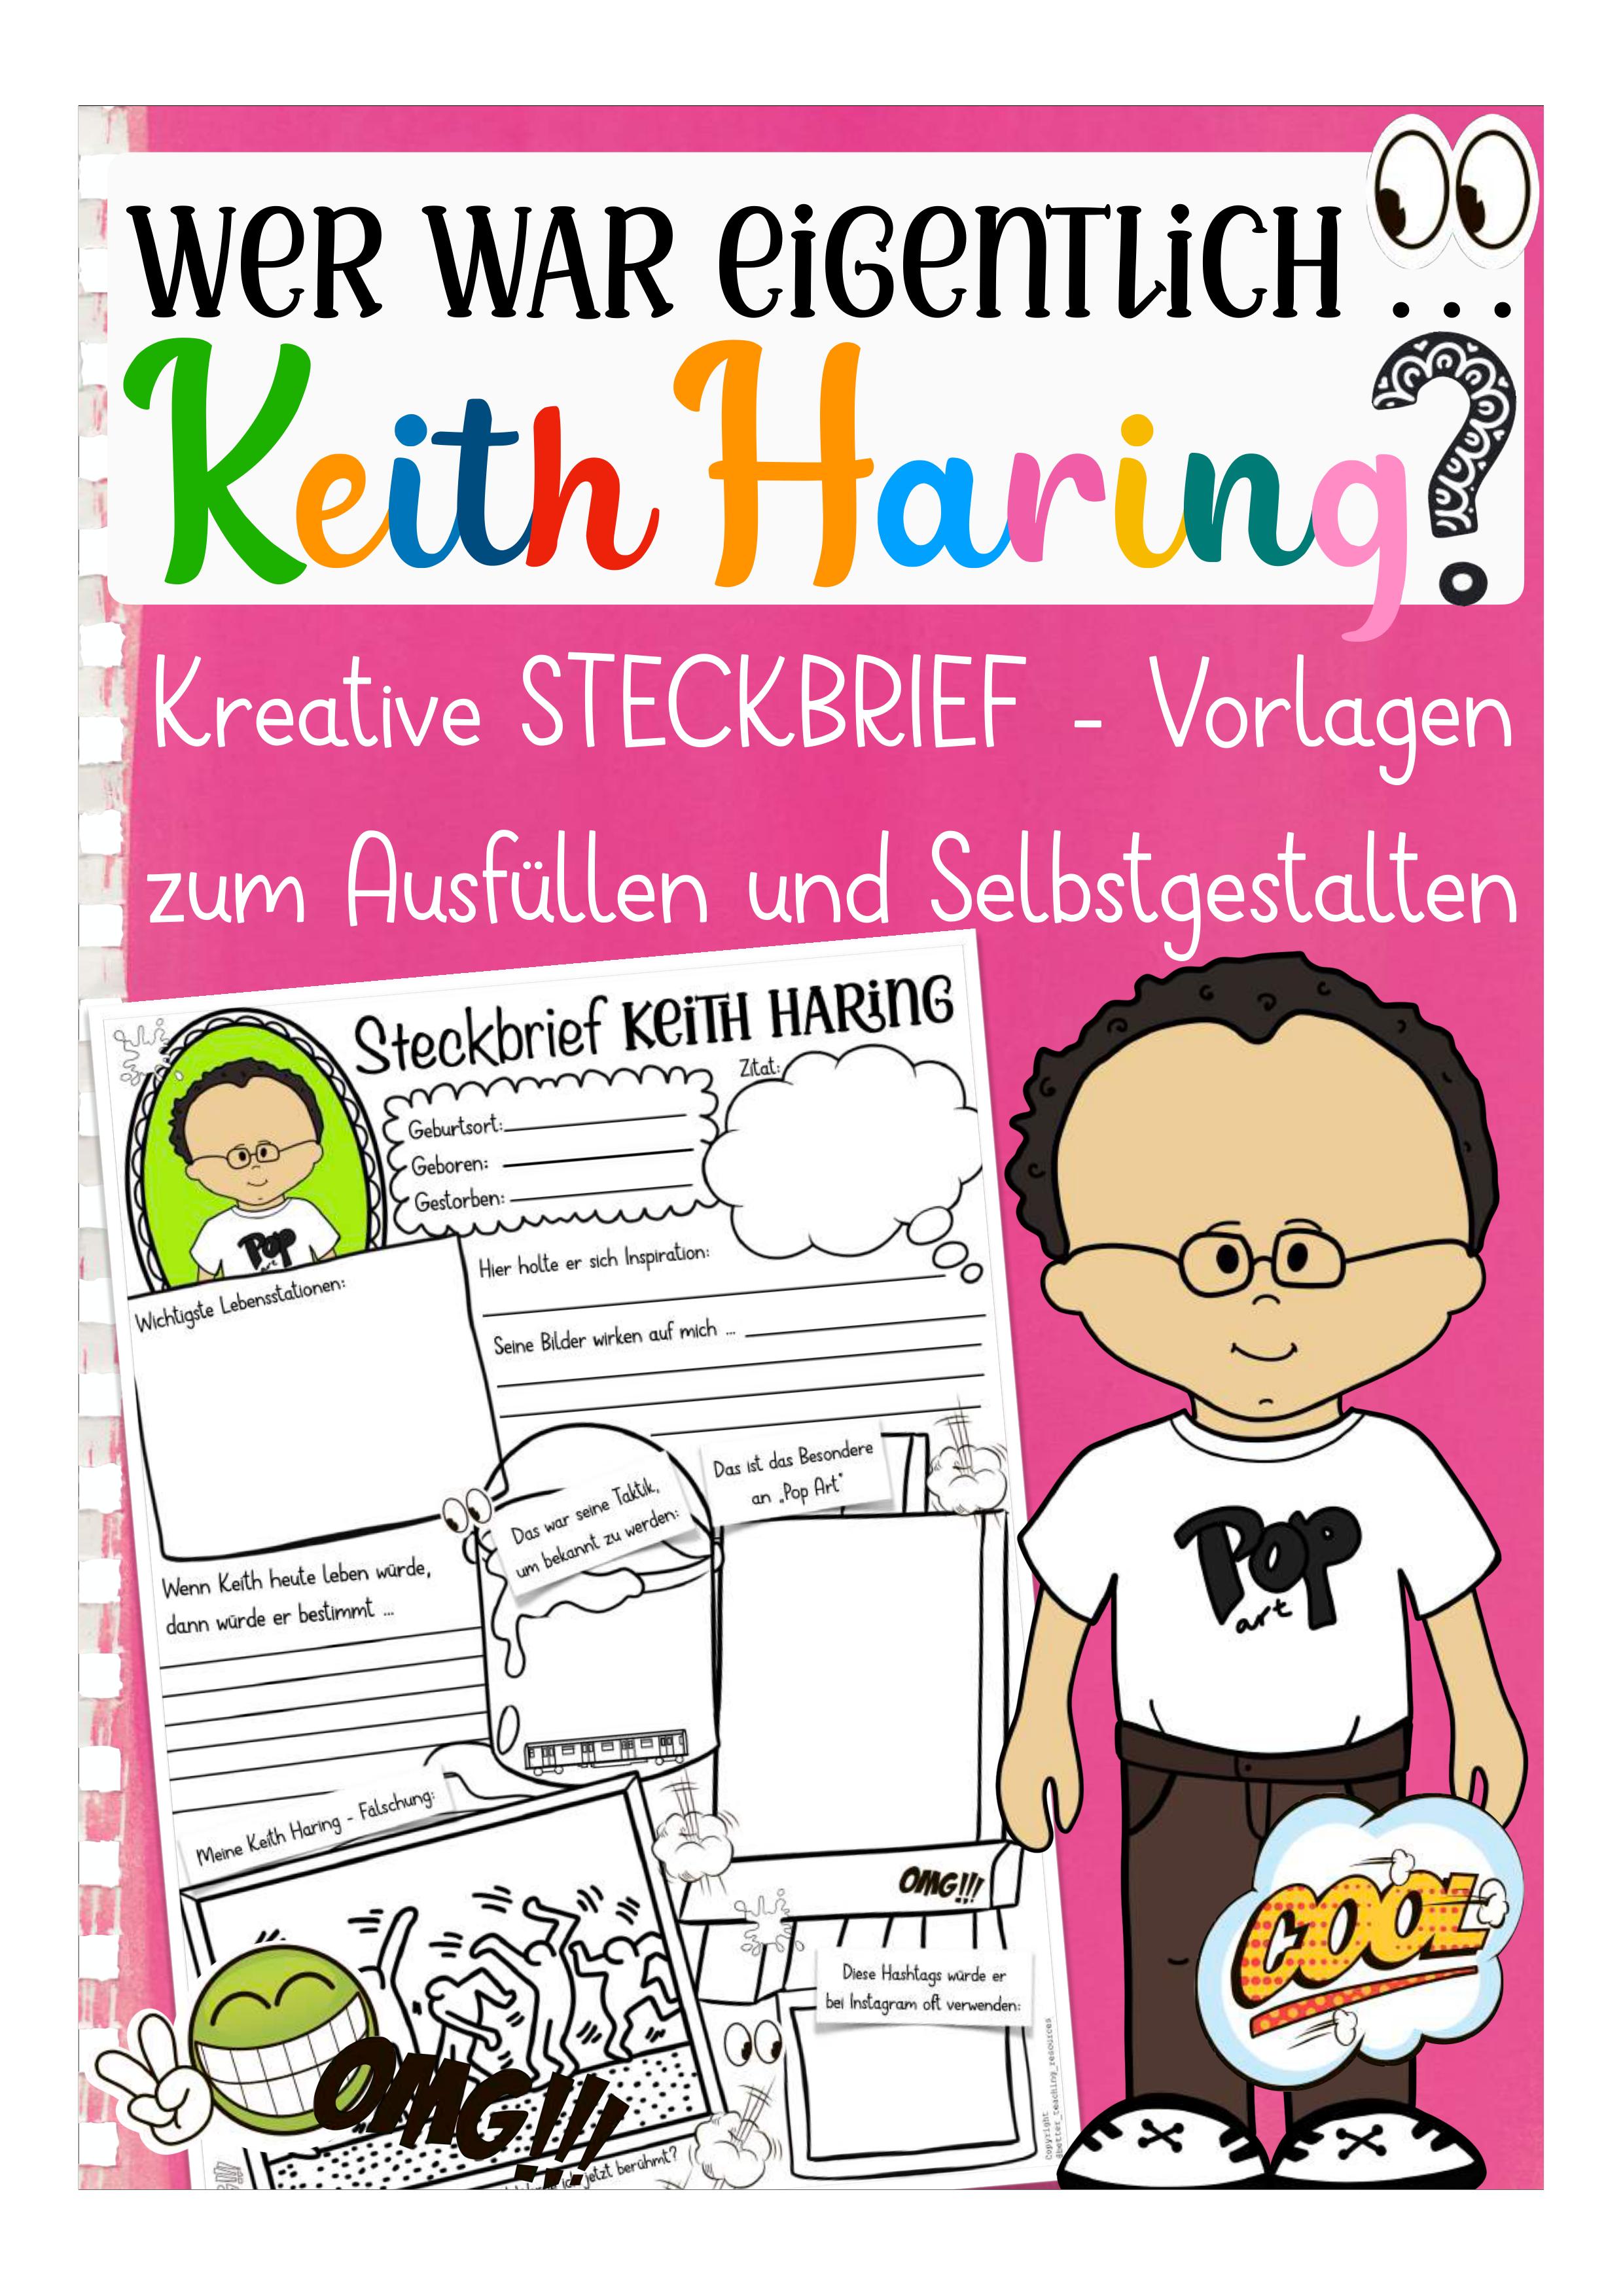 Keith Haring Steckbrief Unterrichtsmaterial Im Fach Kunst Keith Haring Kunstunterricht Kunstler Grundschule